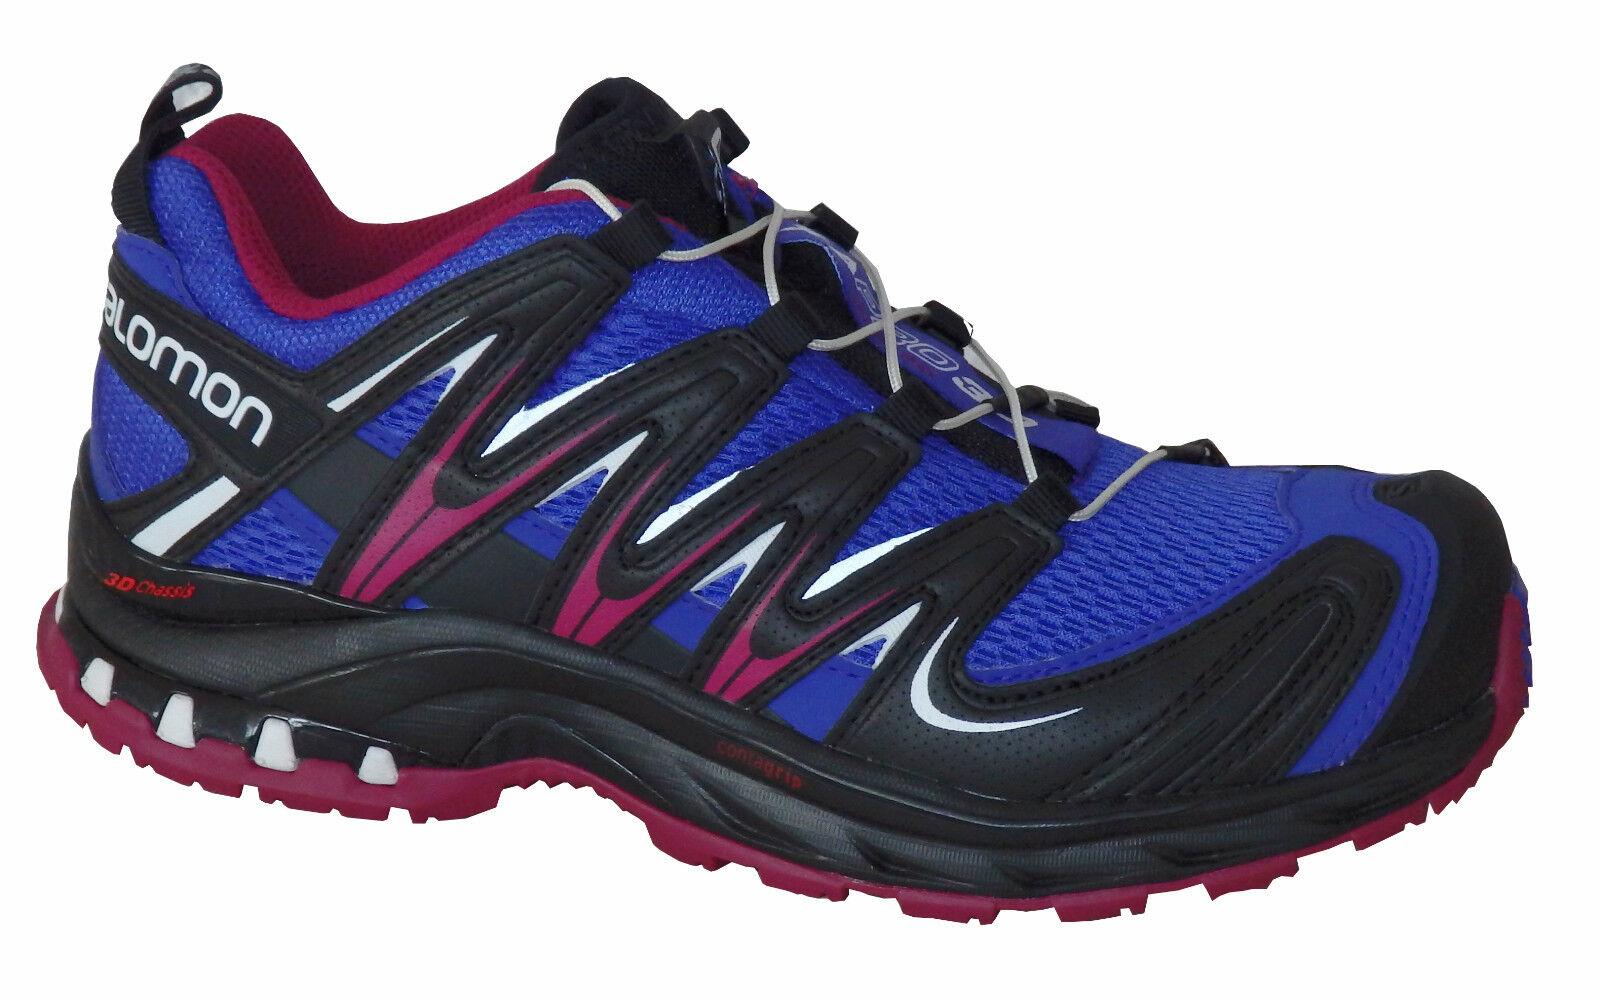 Salomon Salomon Salomon Zapatos señora XA Pro 3d W outdoor nuevo  precios al por mayor